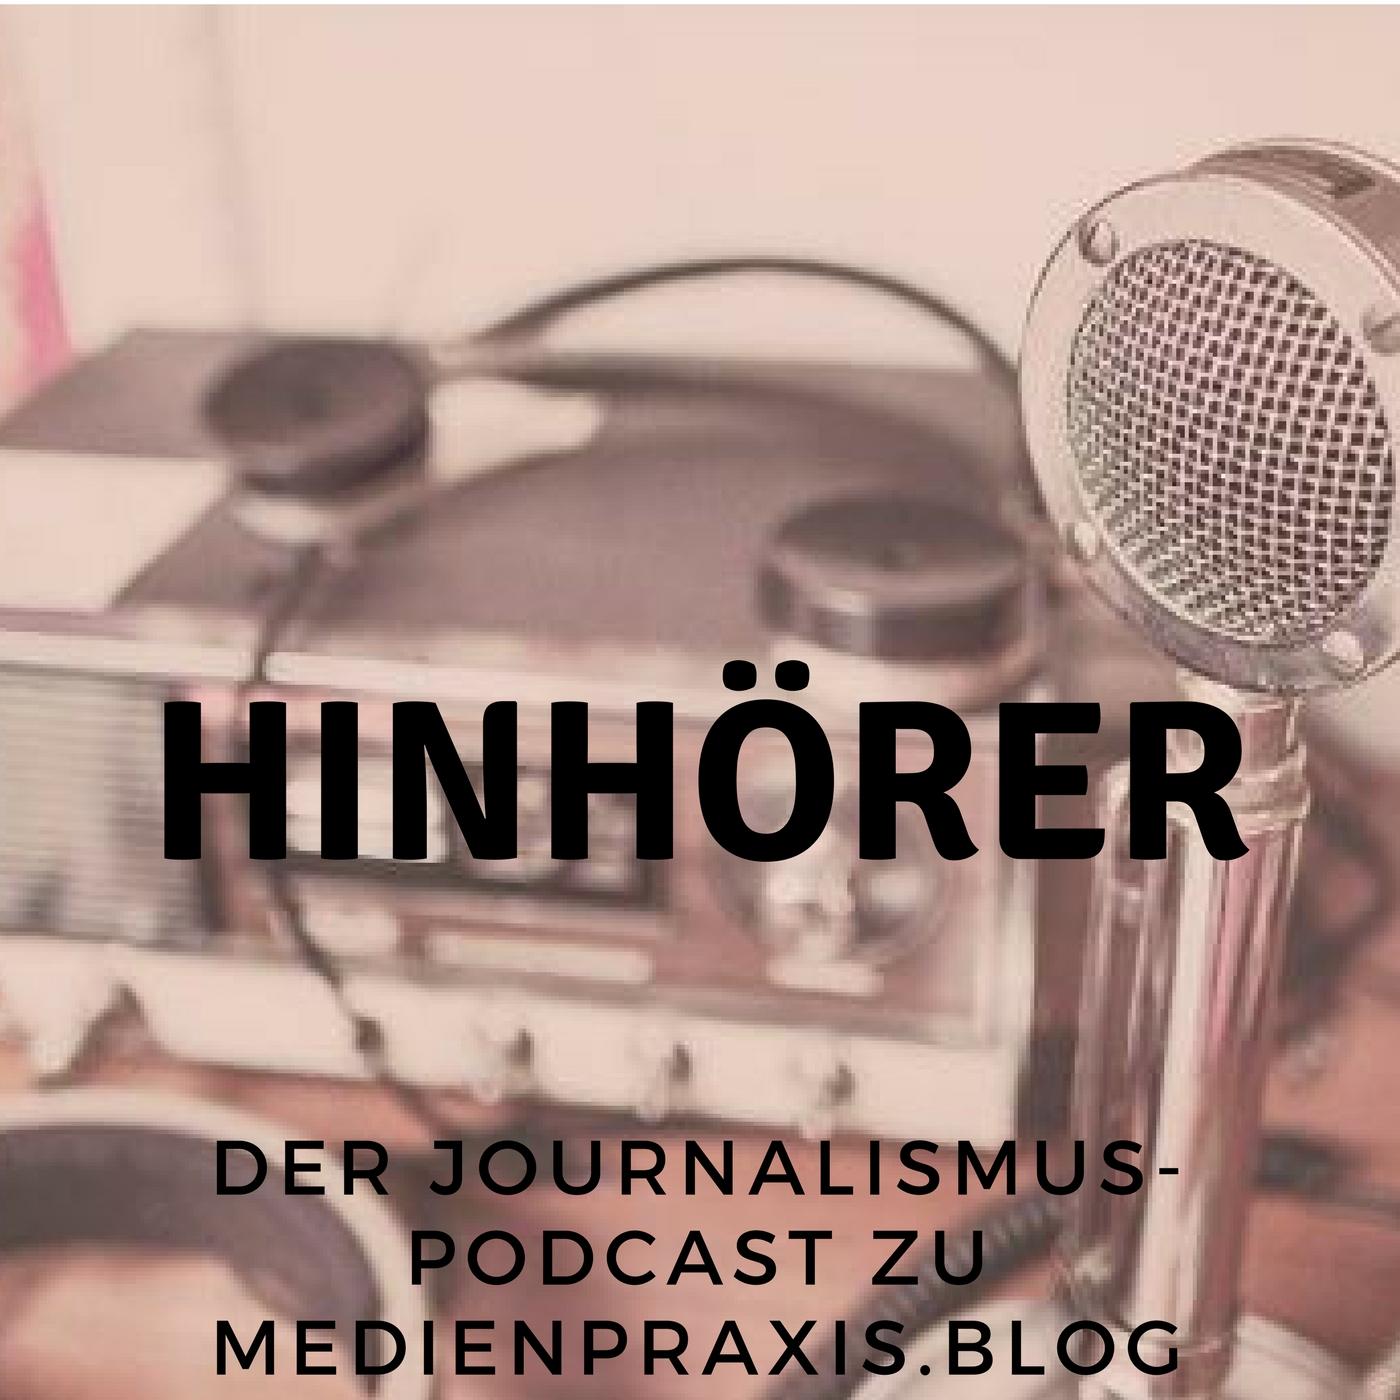 Hinhörer - ein Podcast von medienpraxis.blog